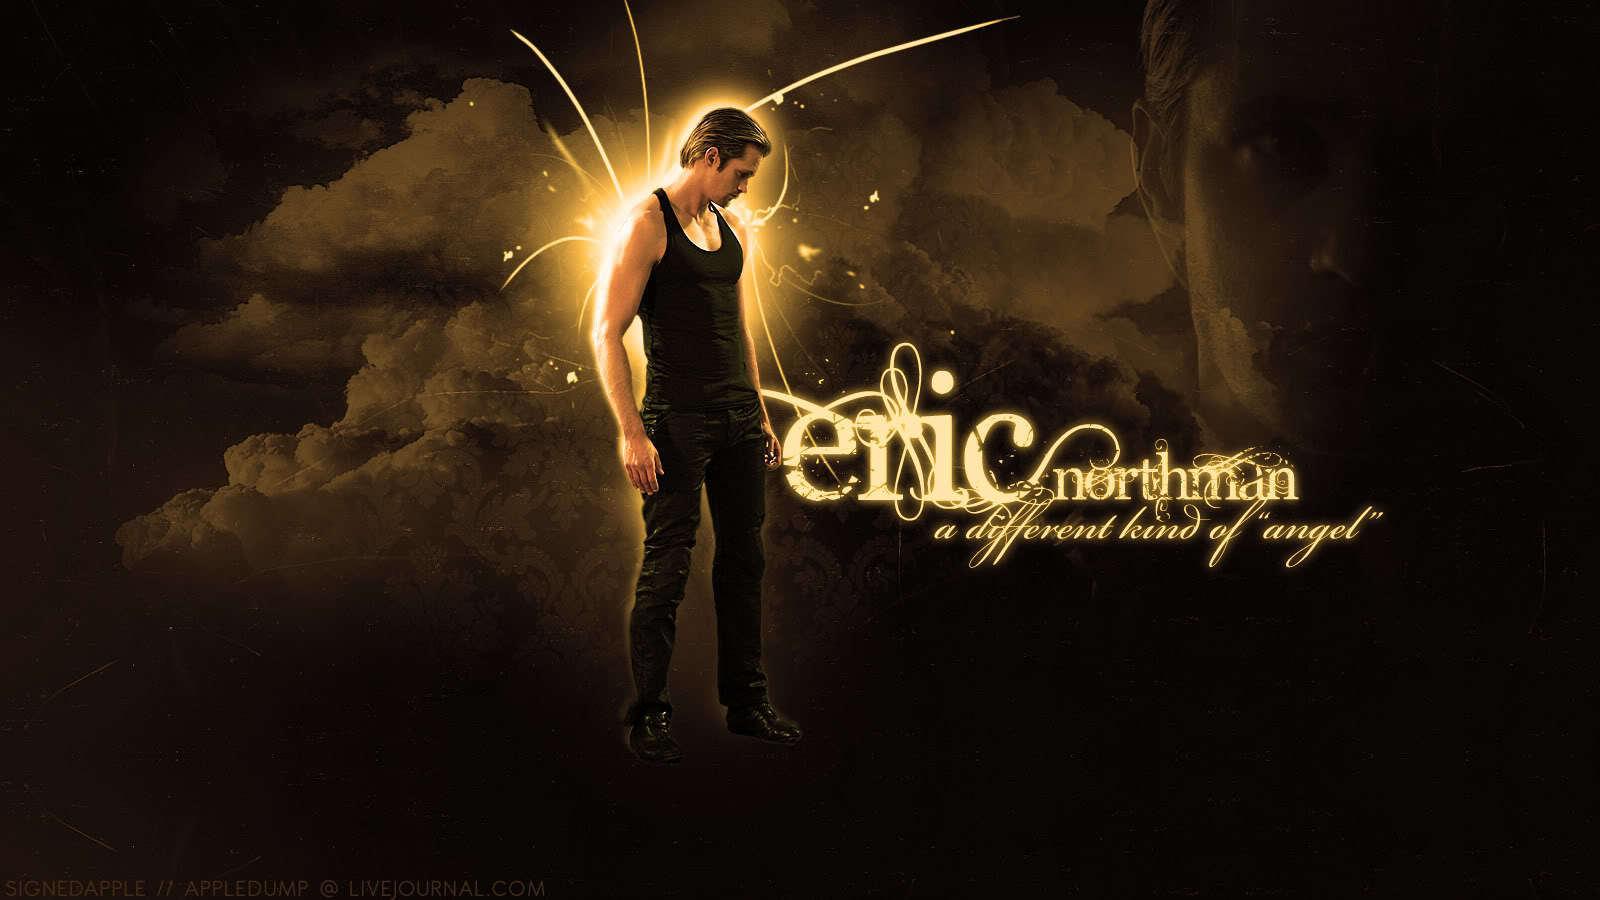 Sign Erick Northman Eric-eric-northman-15346905-1600-900